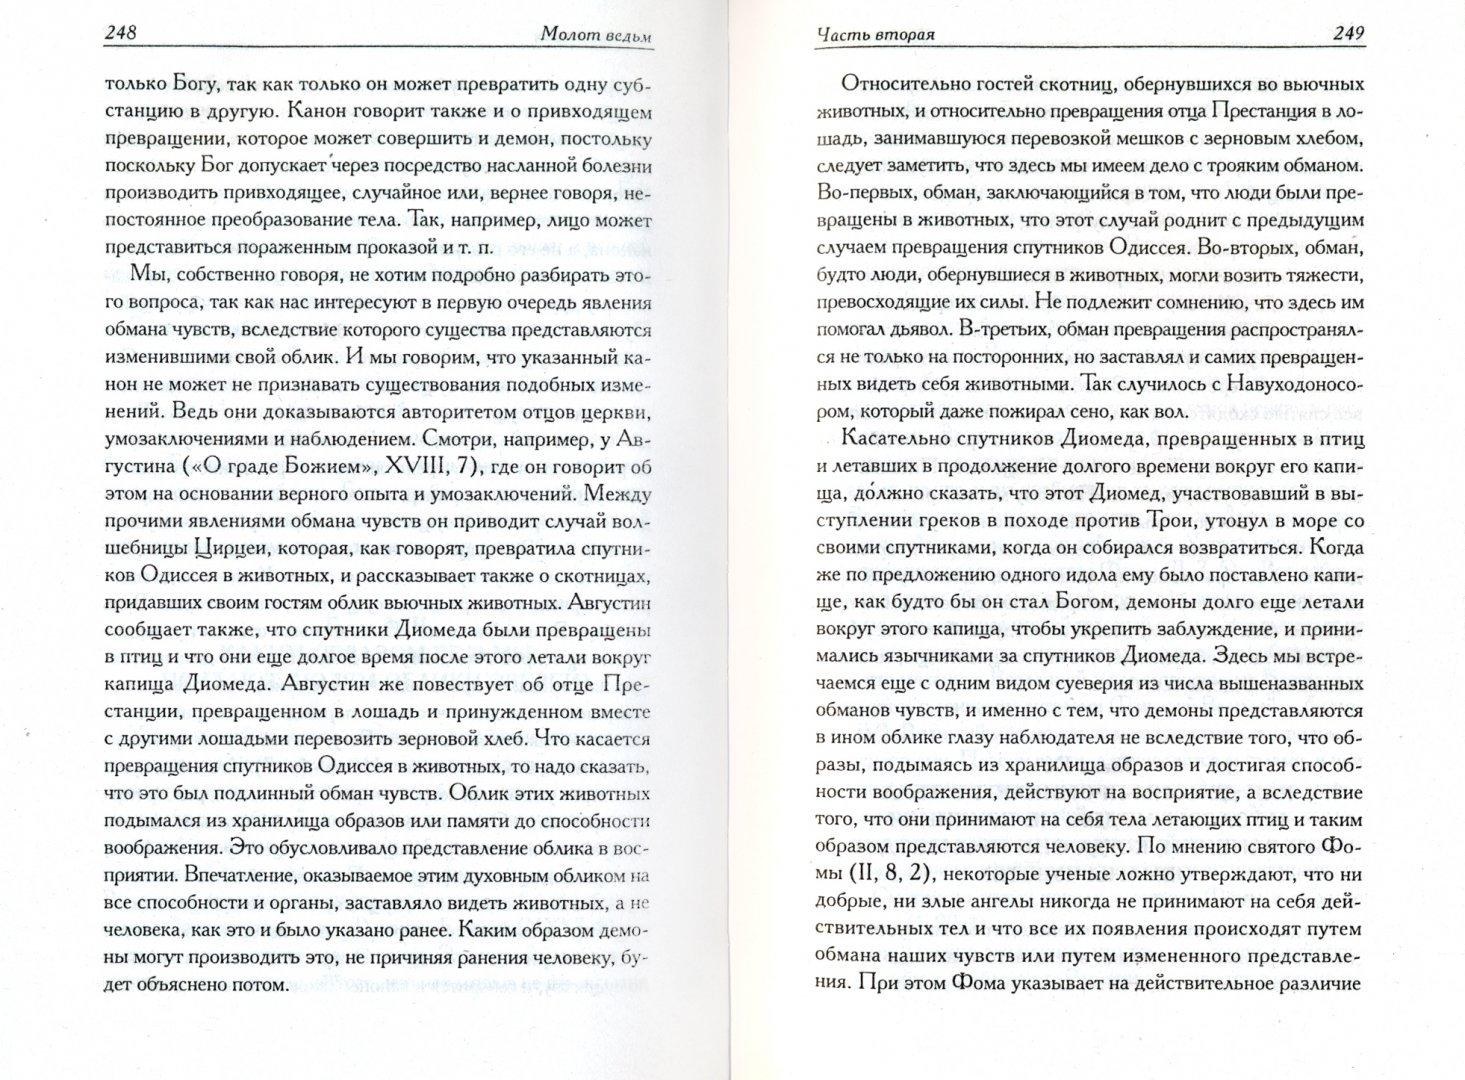 Иллюстрация 1 из 2 для Молот ведьм - Шпренгер, Инститорис   Лабиринт - книги. Источник: Лабиринт